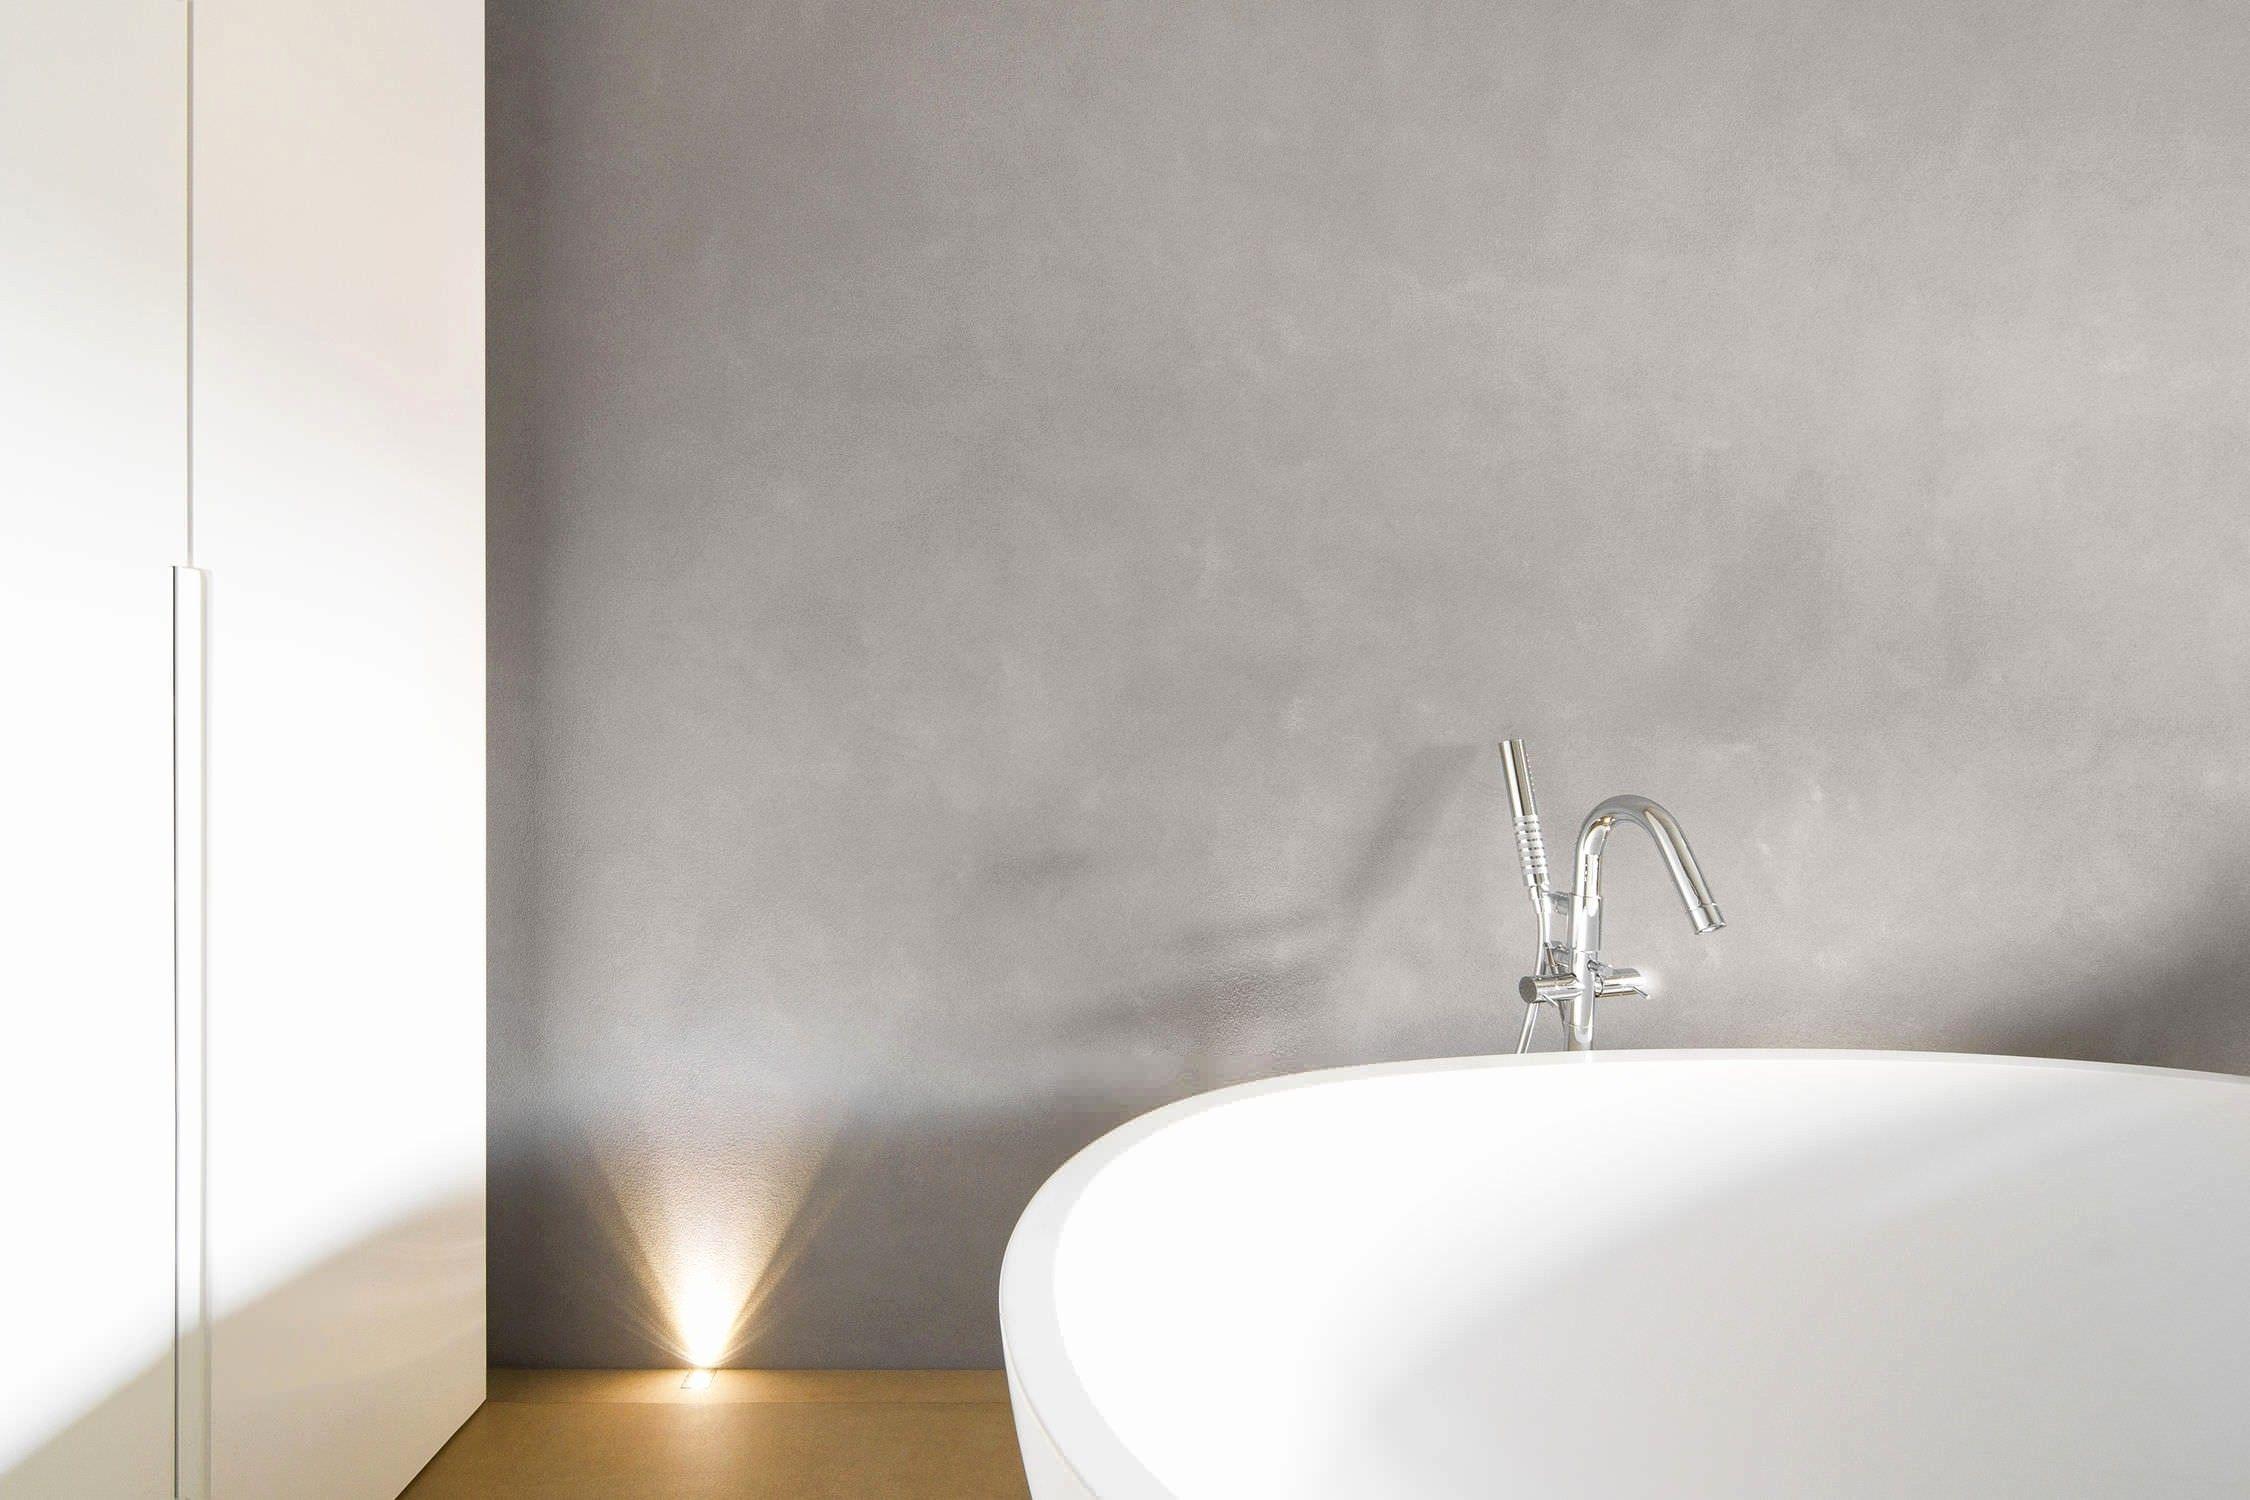 31+ Enduit mineral salle de bain ideas in 2021